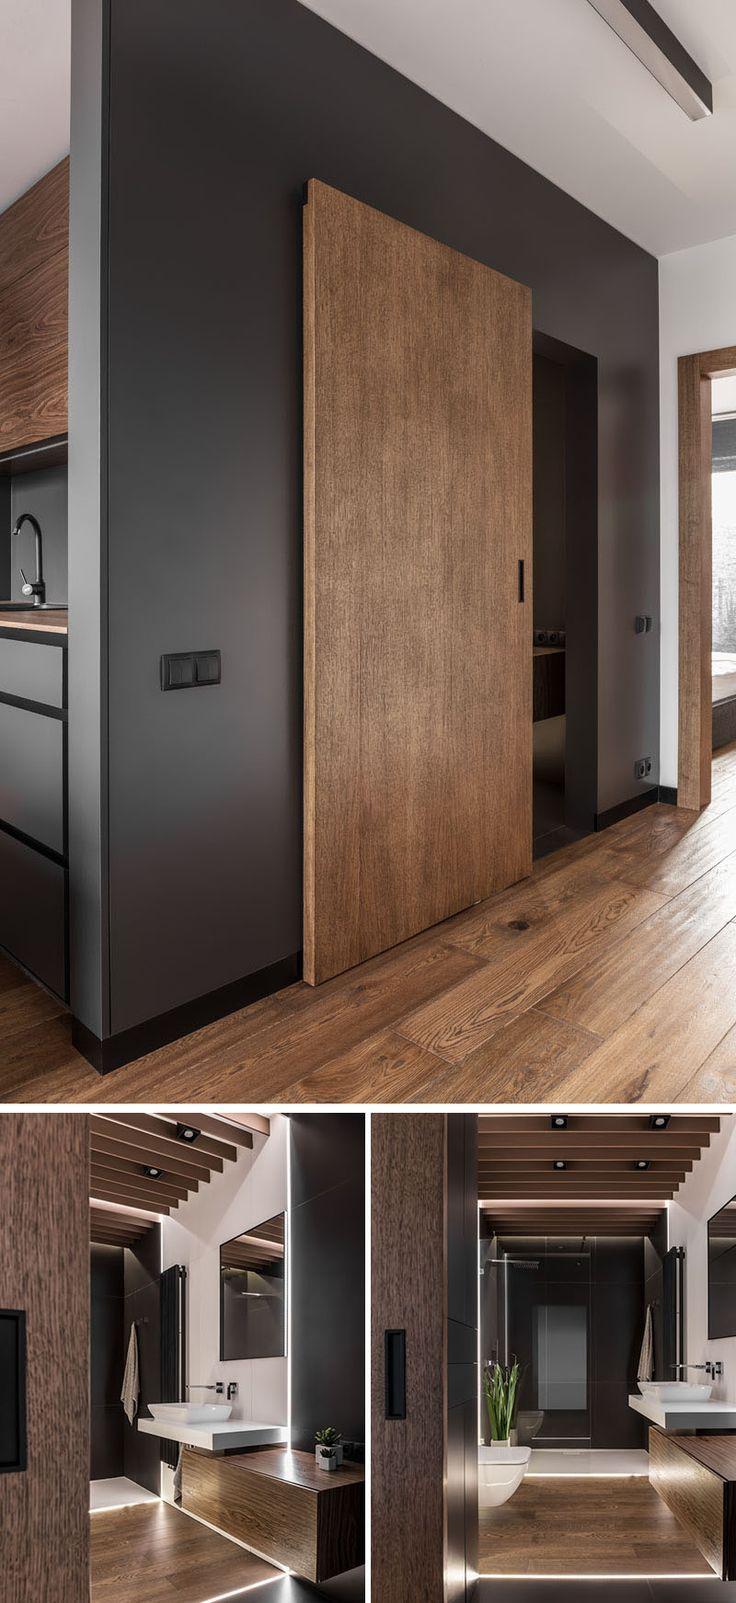 Moderne zen badezimmerideen  best interior images on pinterest  bedroom cupboards dressing